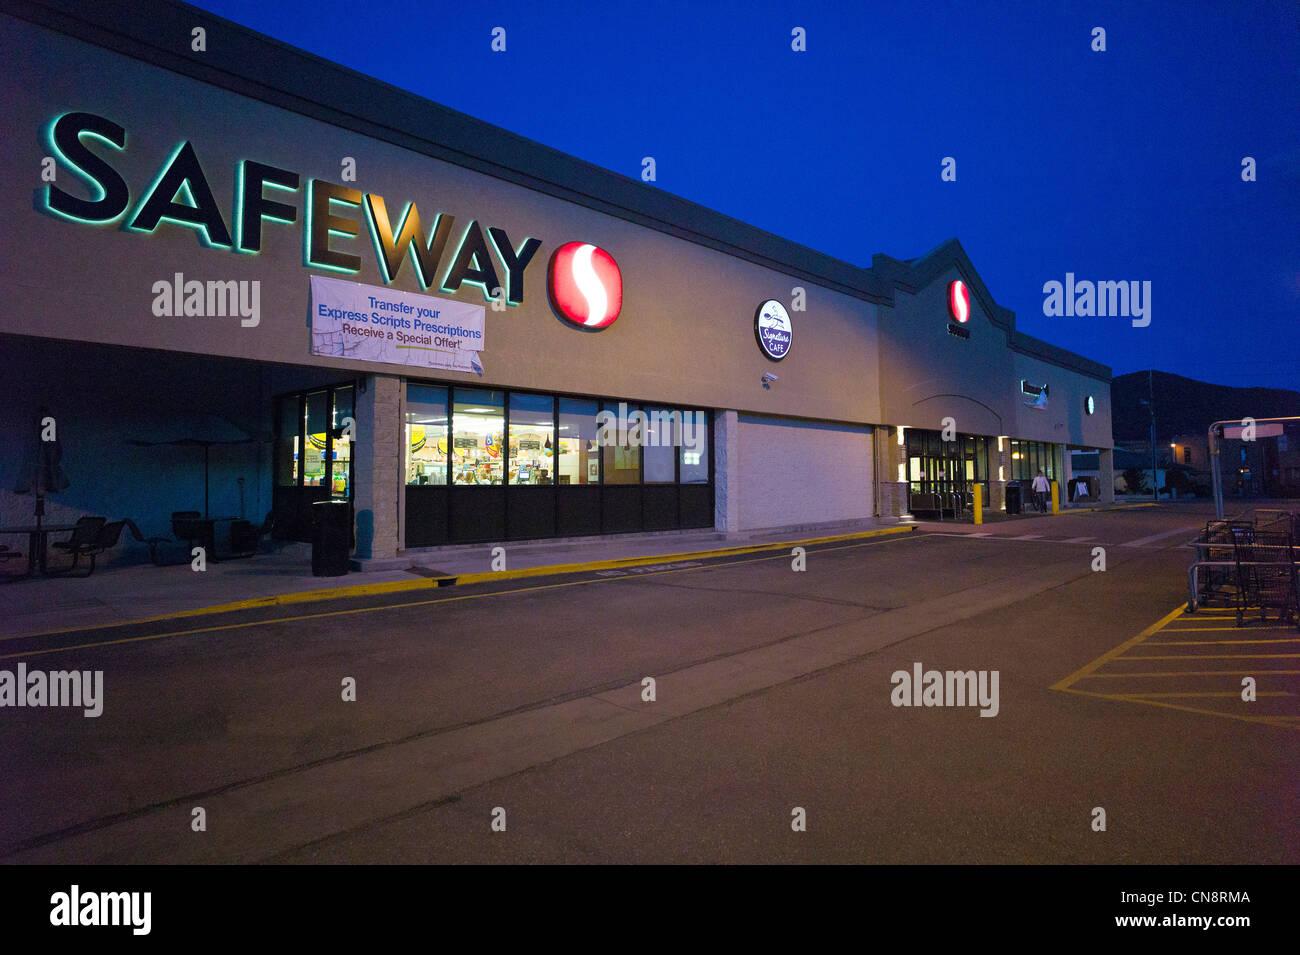 Abenddämmerung Außenansicht von einem Safeway-Supermarkt, Salida, Colorado, USA Stockbild